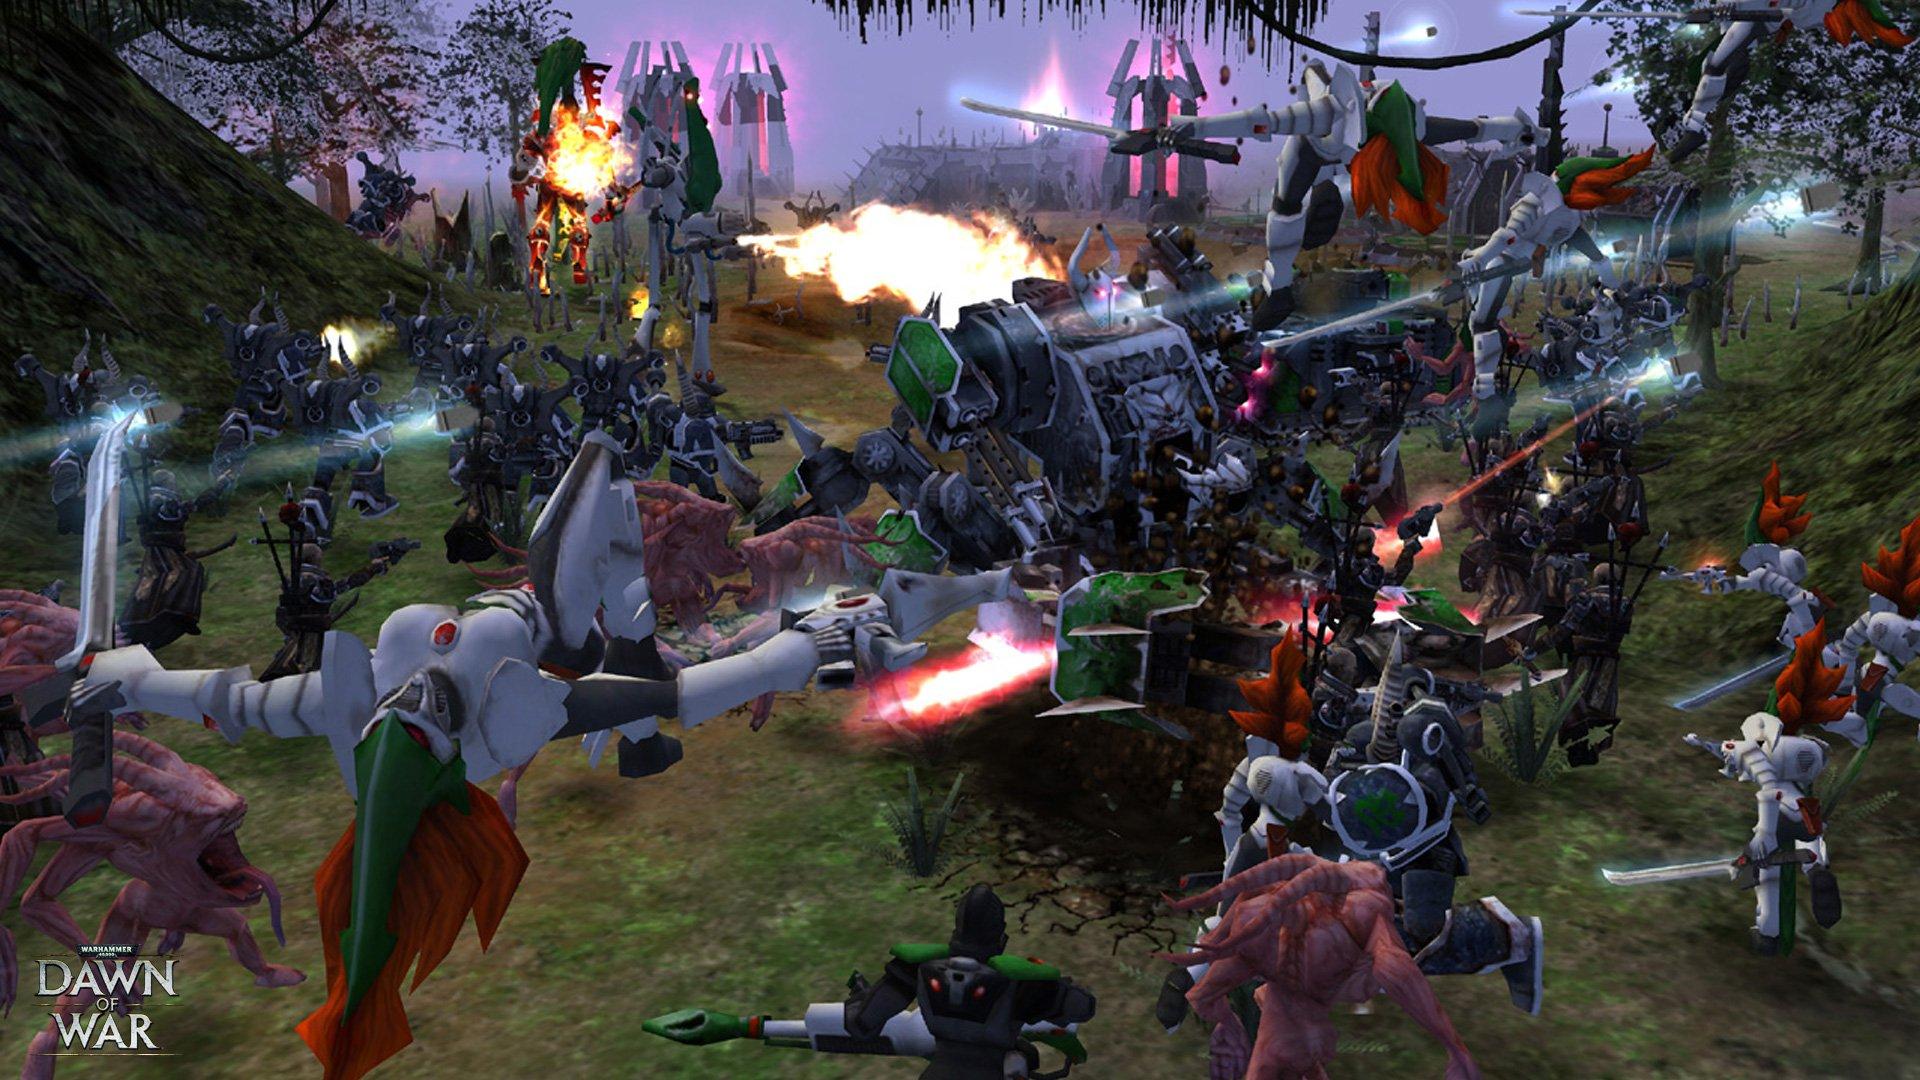 Warhammer 40,000 Dawn of War Master Collection 5